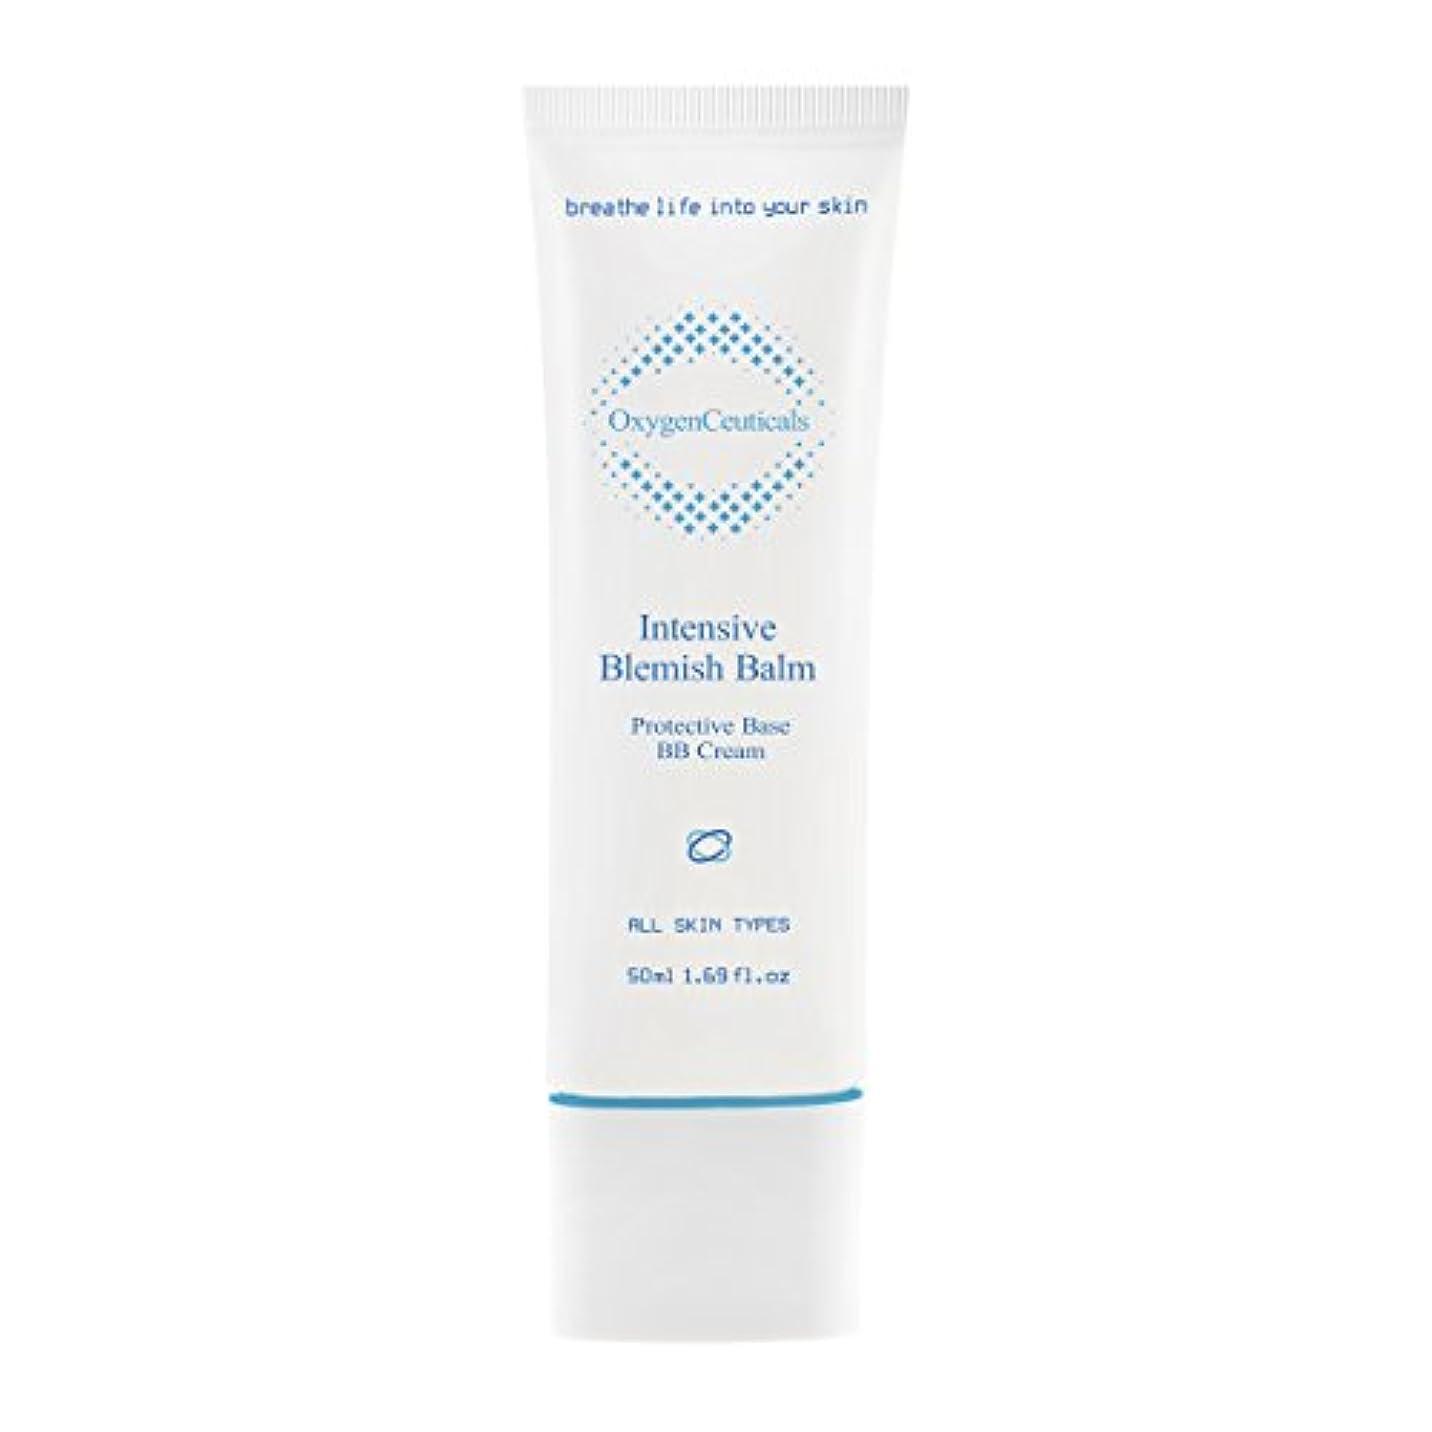 大破不定探す[ Oxygen Ceuticals ] オキシジェンシューティカルズ 酸素BBクリーム[再.生BB] 50ml. Intensive Blemish Balm(BB Cream) 50ml. X Mask Pack 1p.